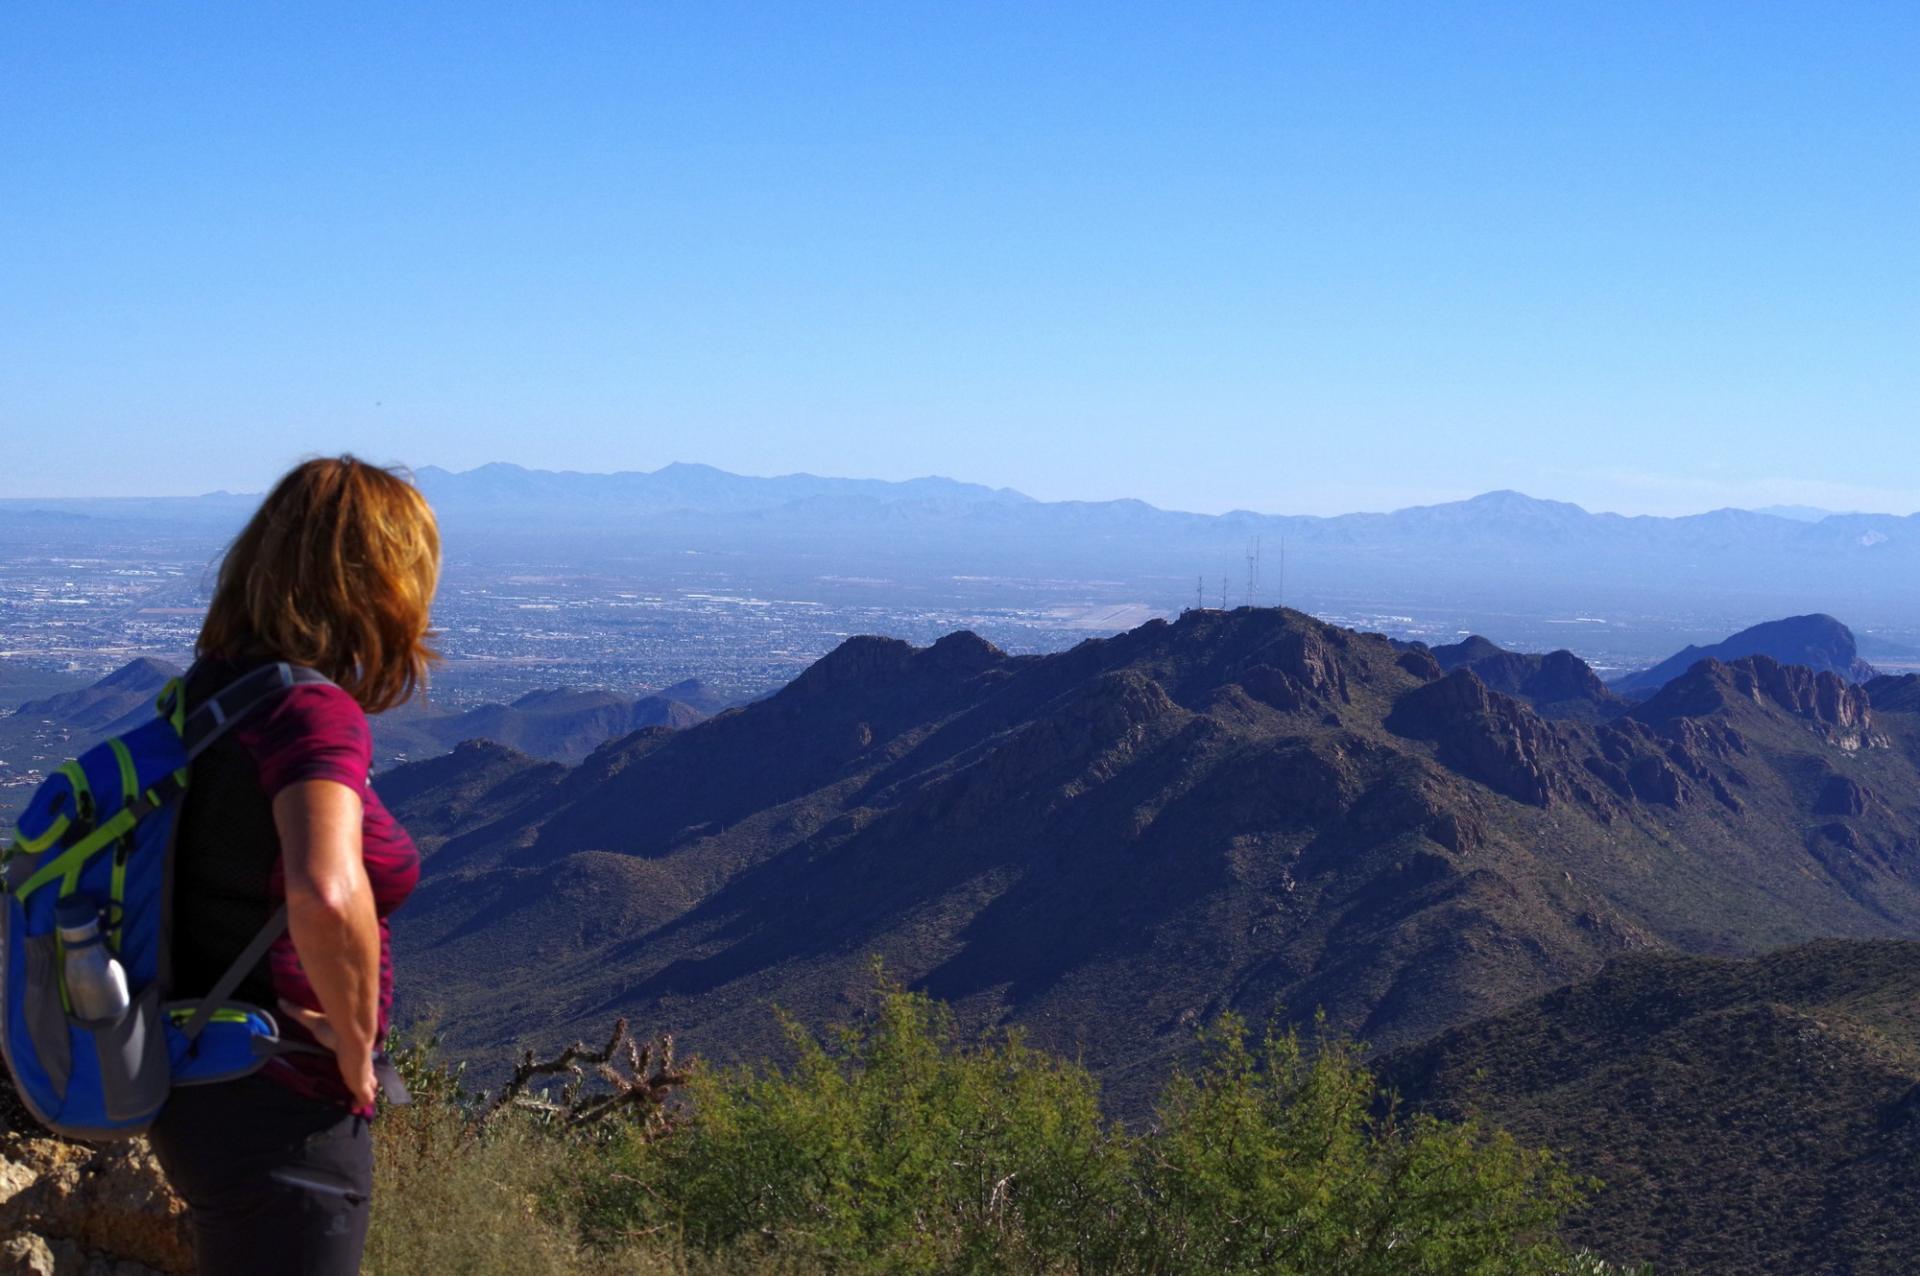 Tucson du haut du mont weason